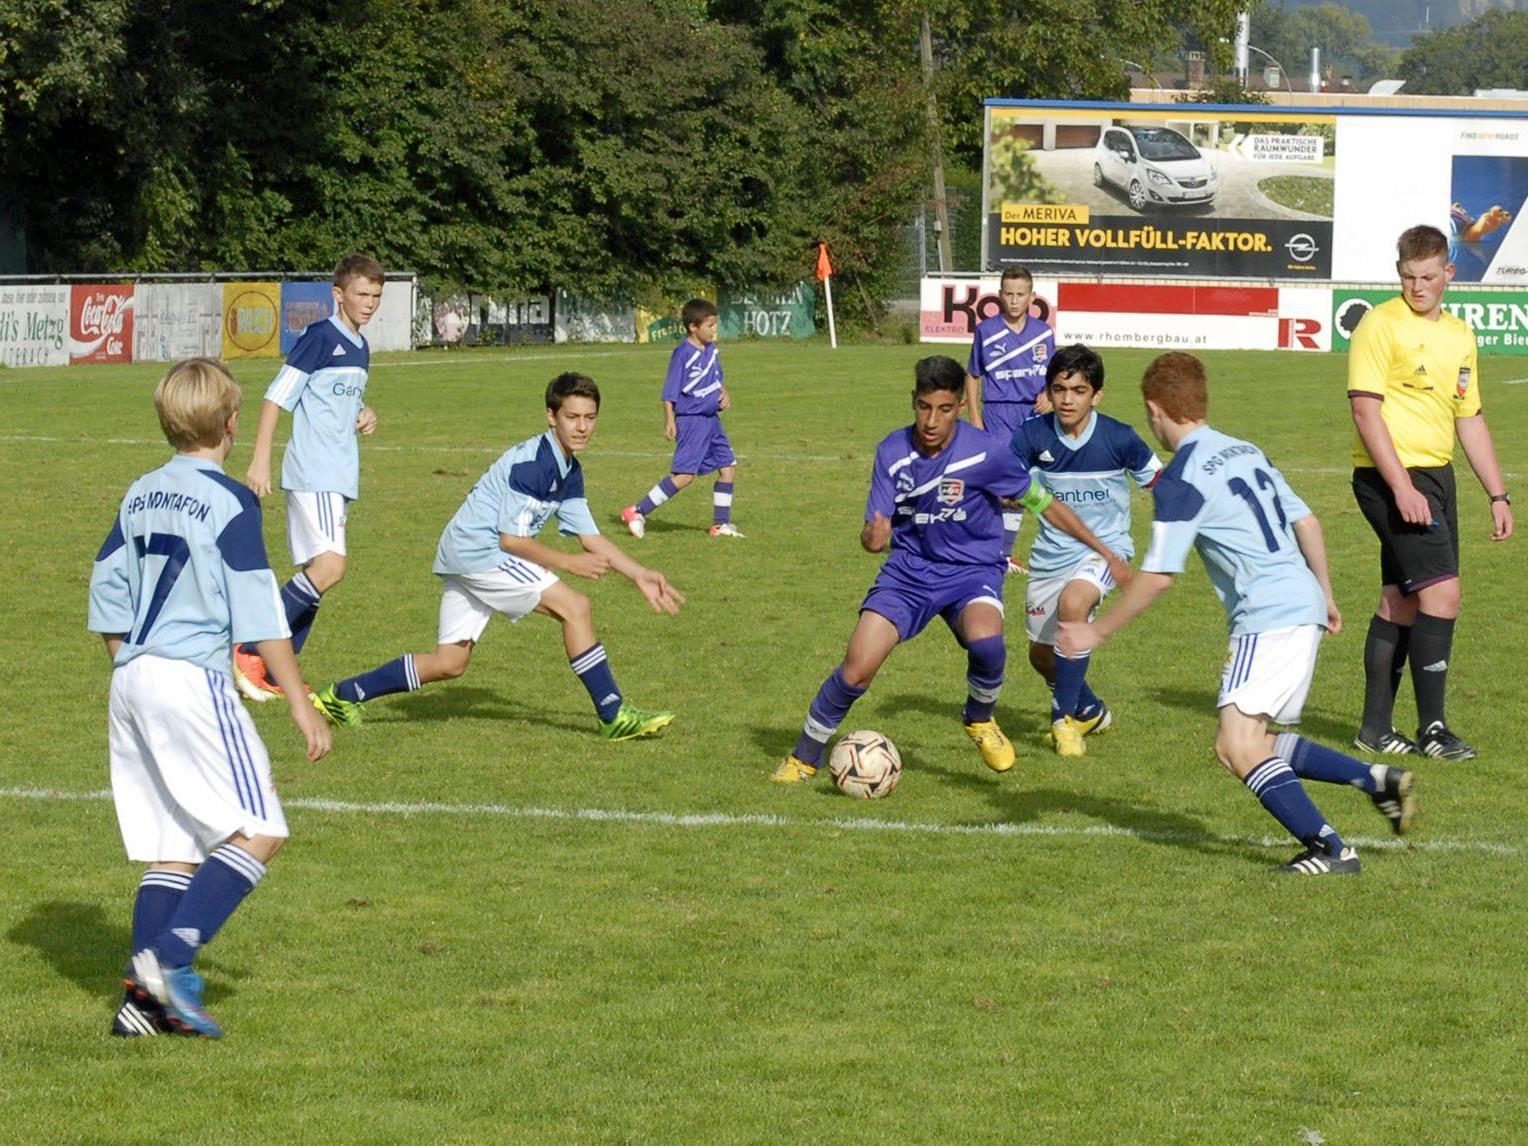 Das Spiel gegen die Viktoria in Bregenz verlief für die SPG Montafon U14 nicht nach Wunsch.